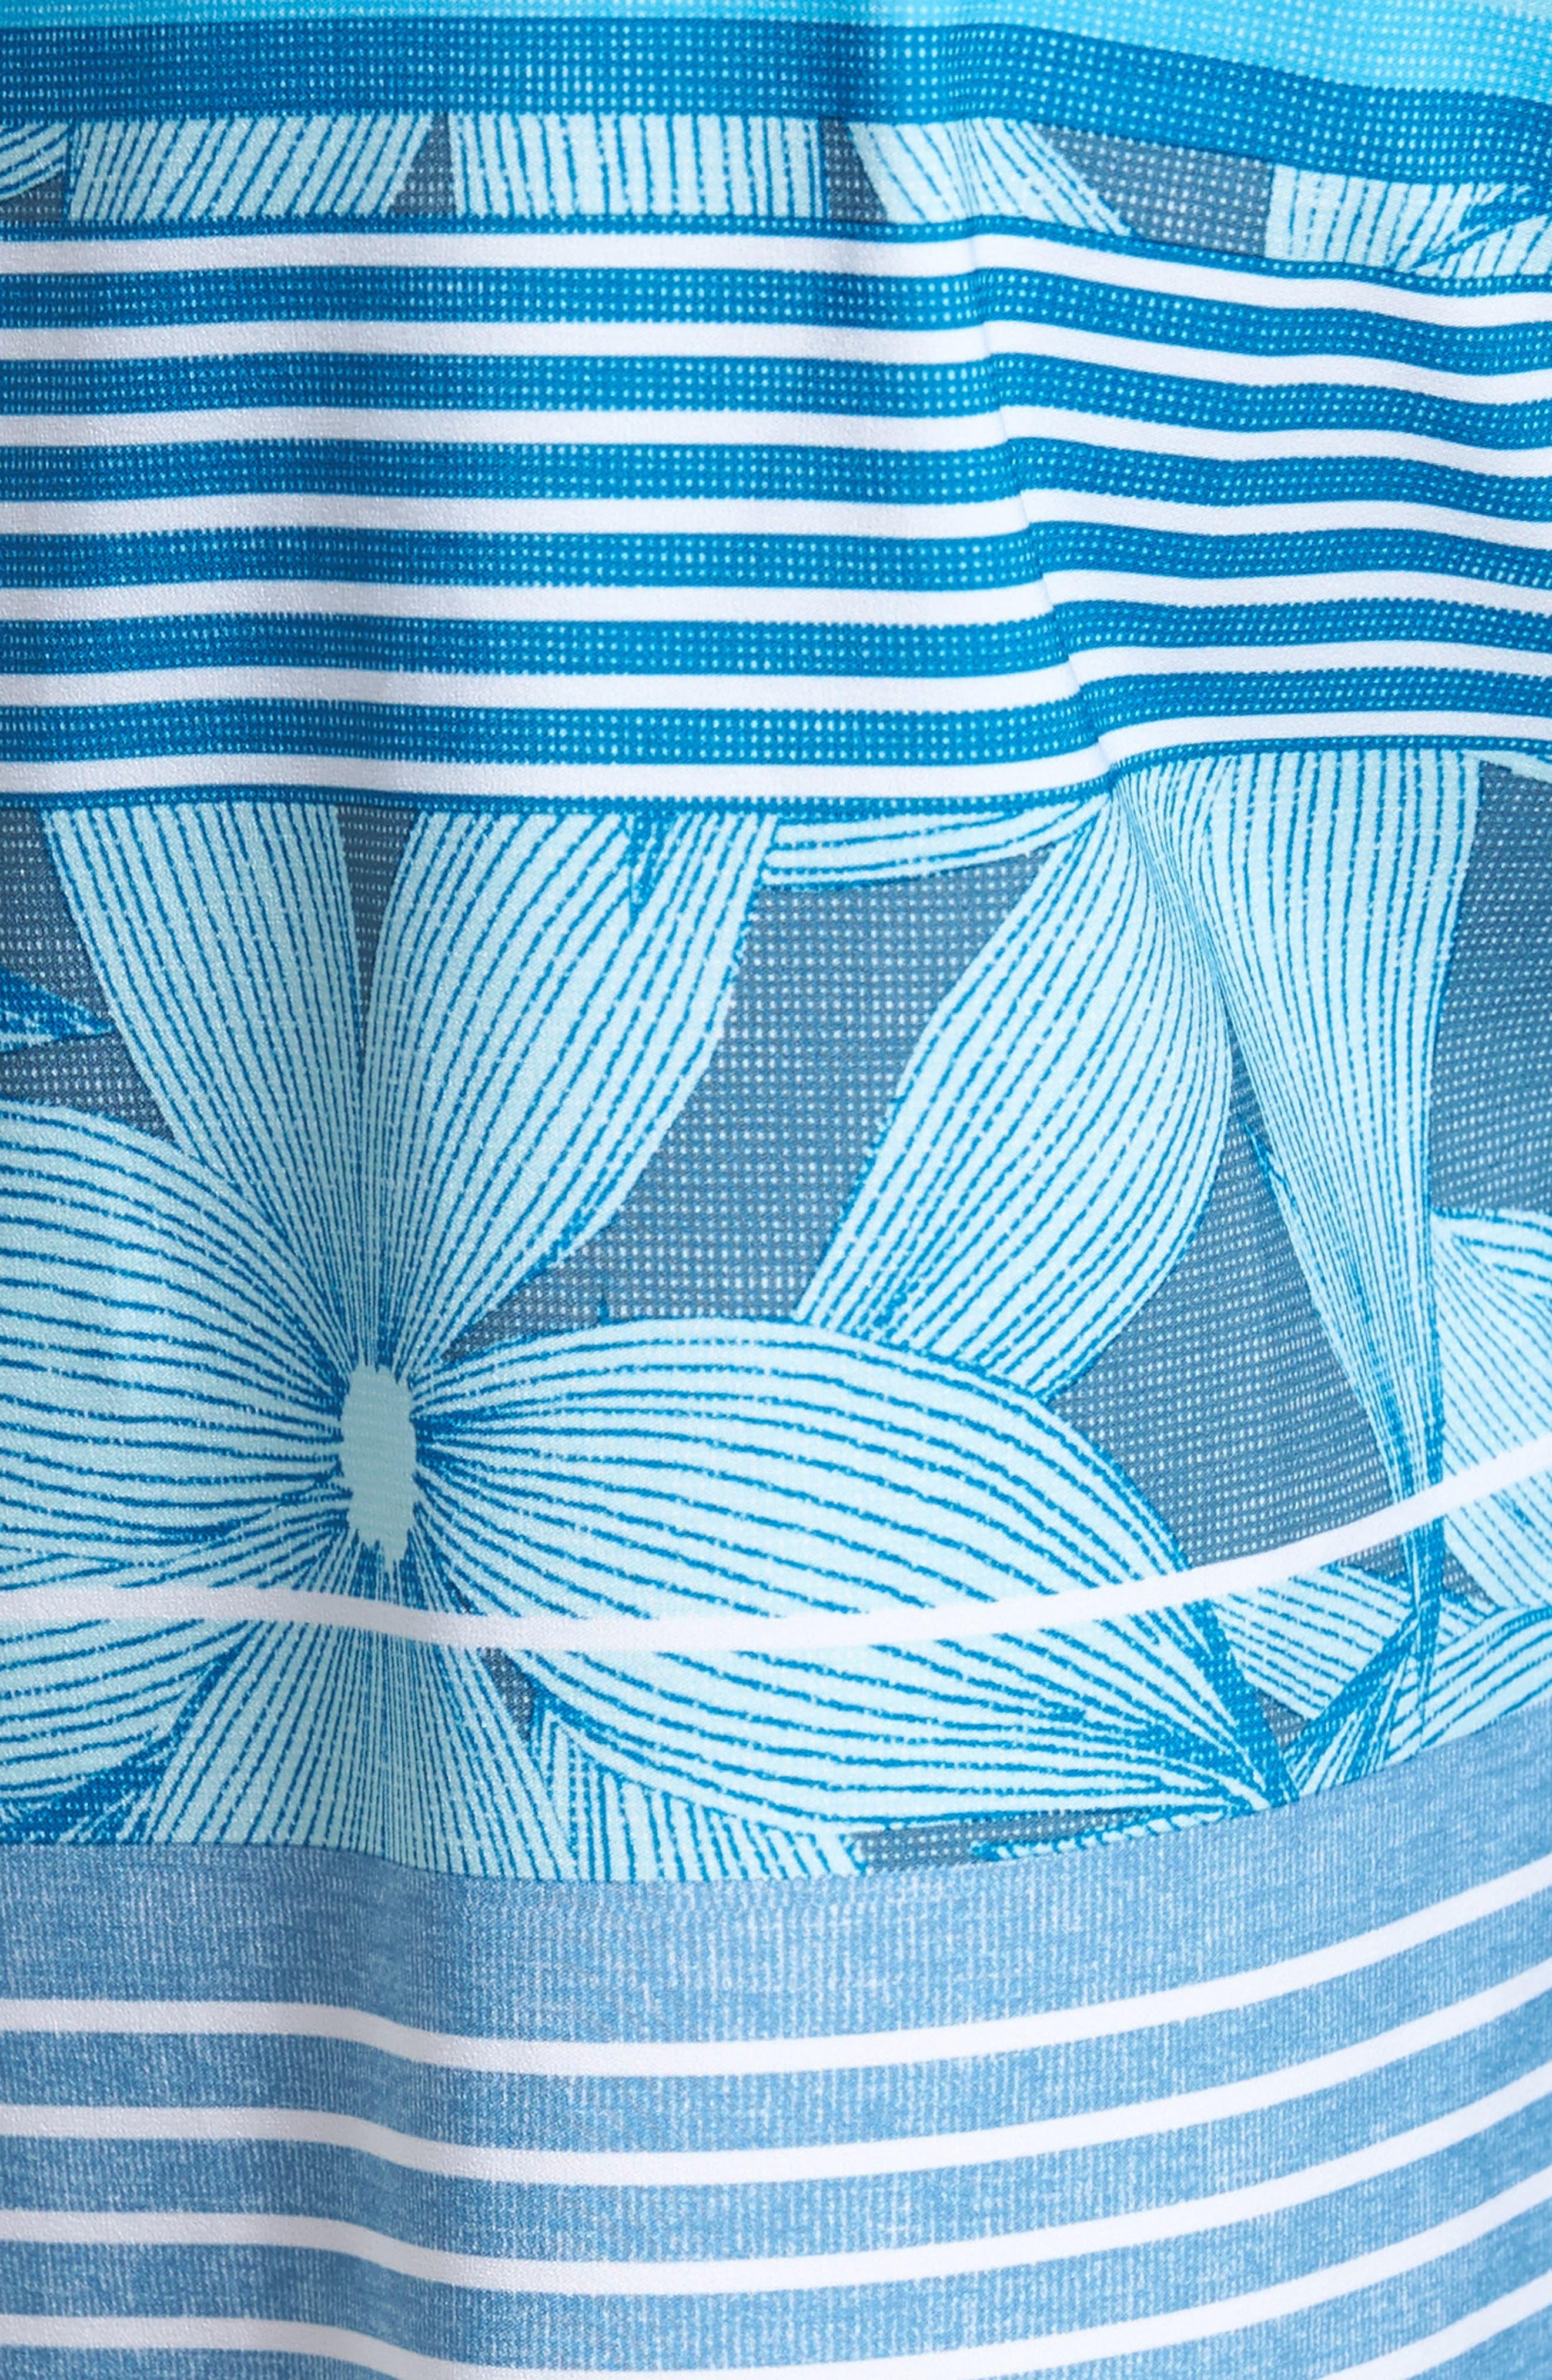 Mirage Shake Up Board Shorts,                             Alternate thumbnail 5, color,                             400